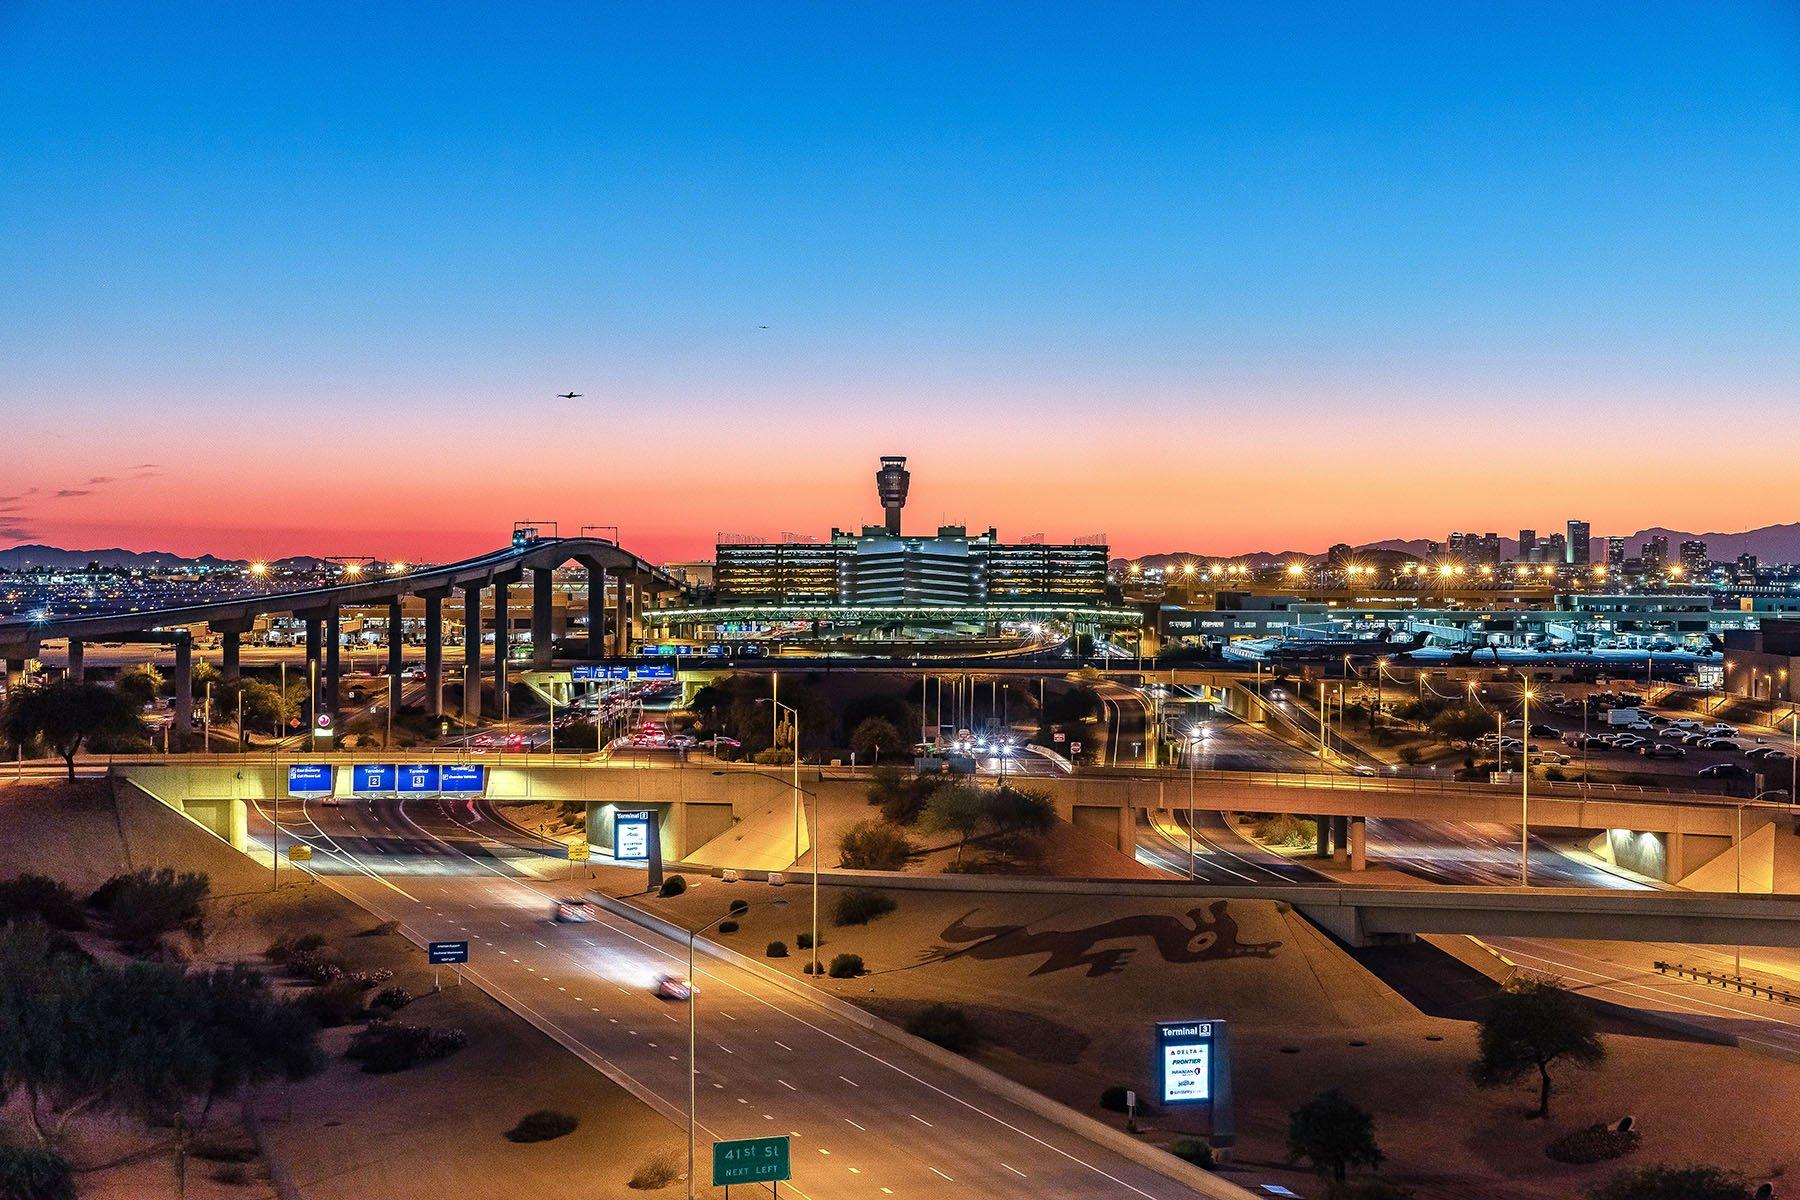 Phoenix Sky Harbour Airport